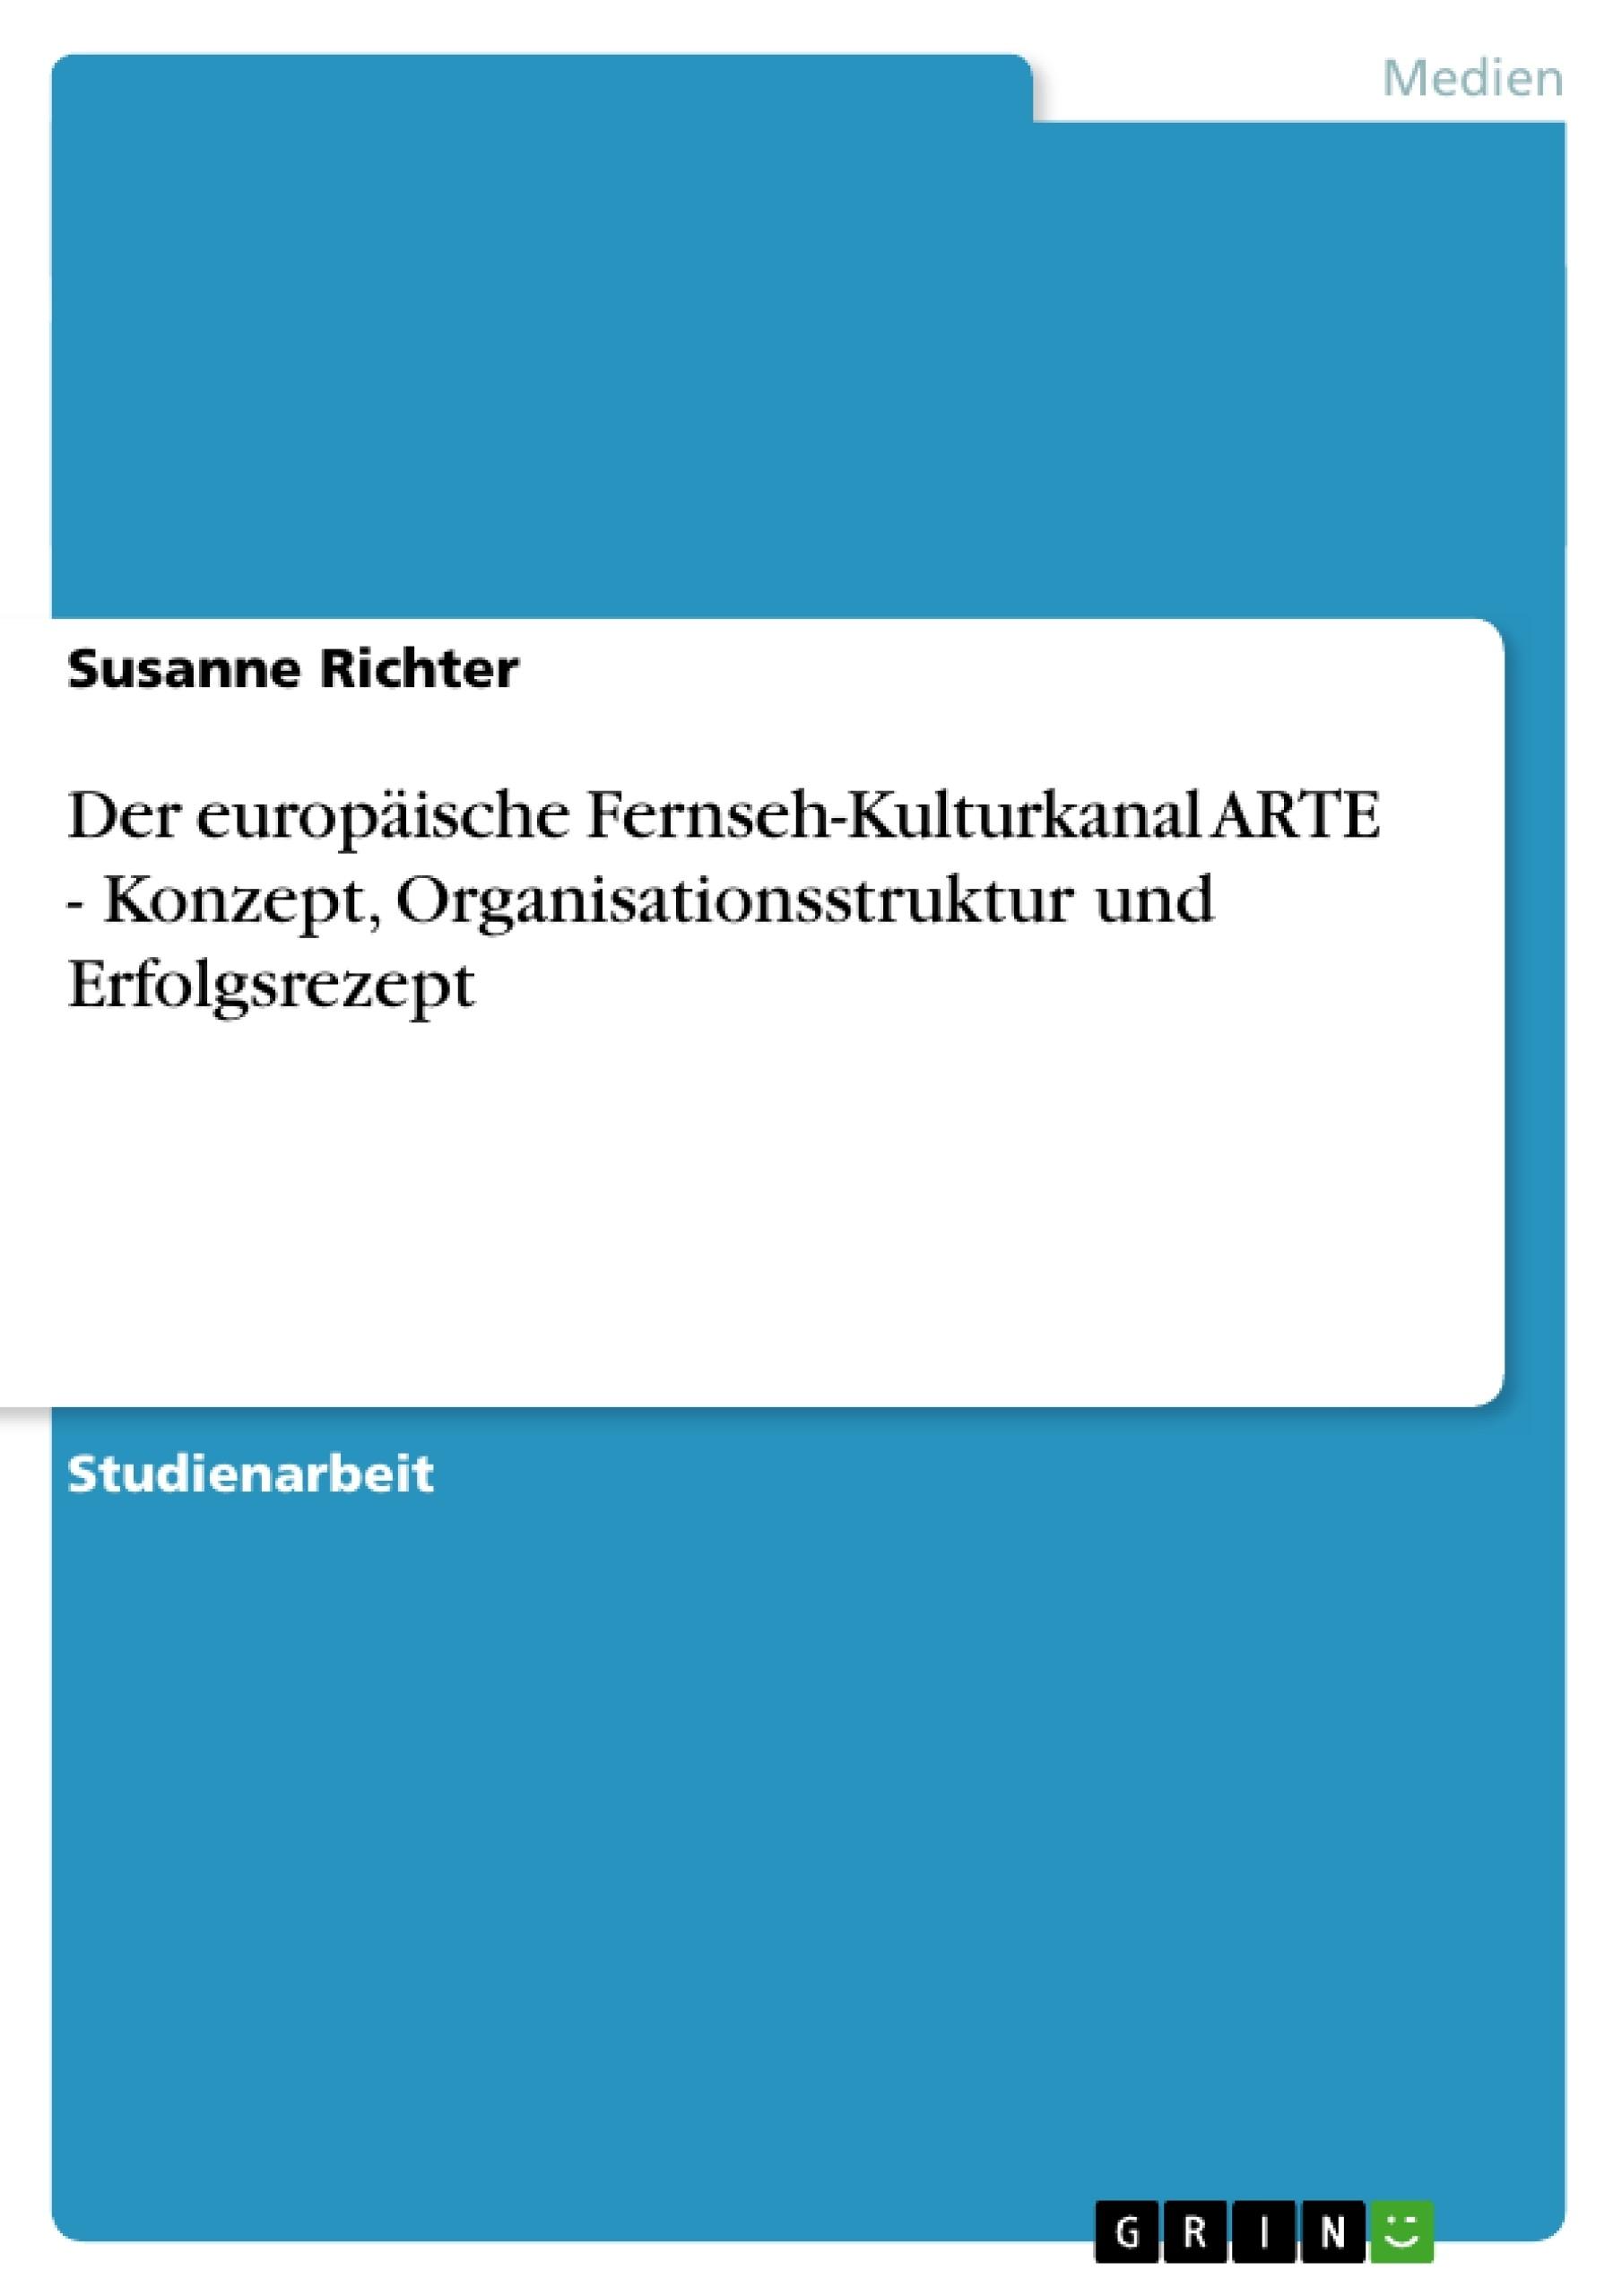 Titel: Der europäische Fernseh-Kulturkanal ARTE - Konzept, Organisationsstruktur und Erfolgsrezept